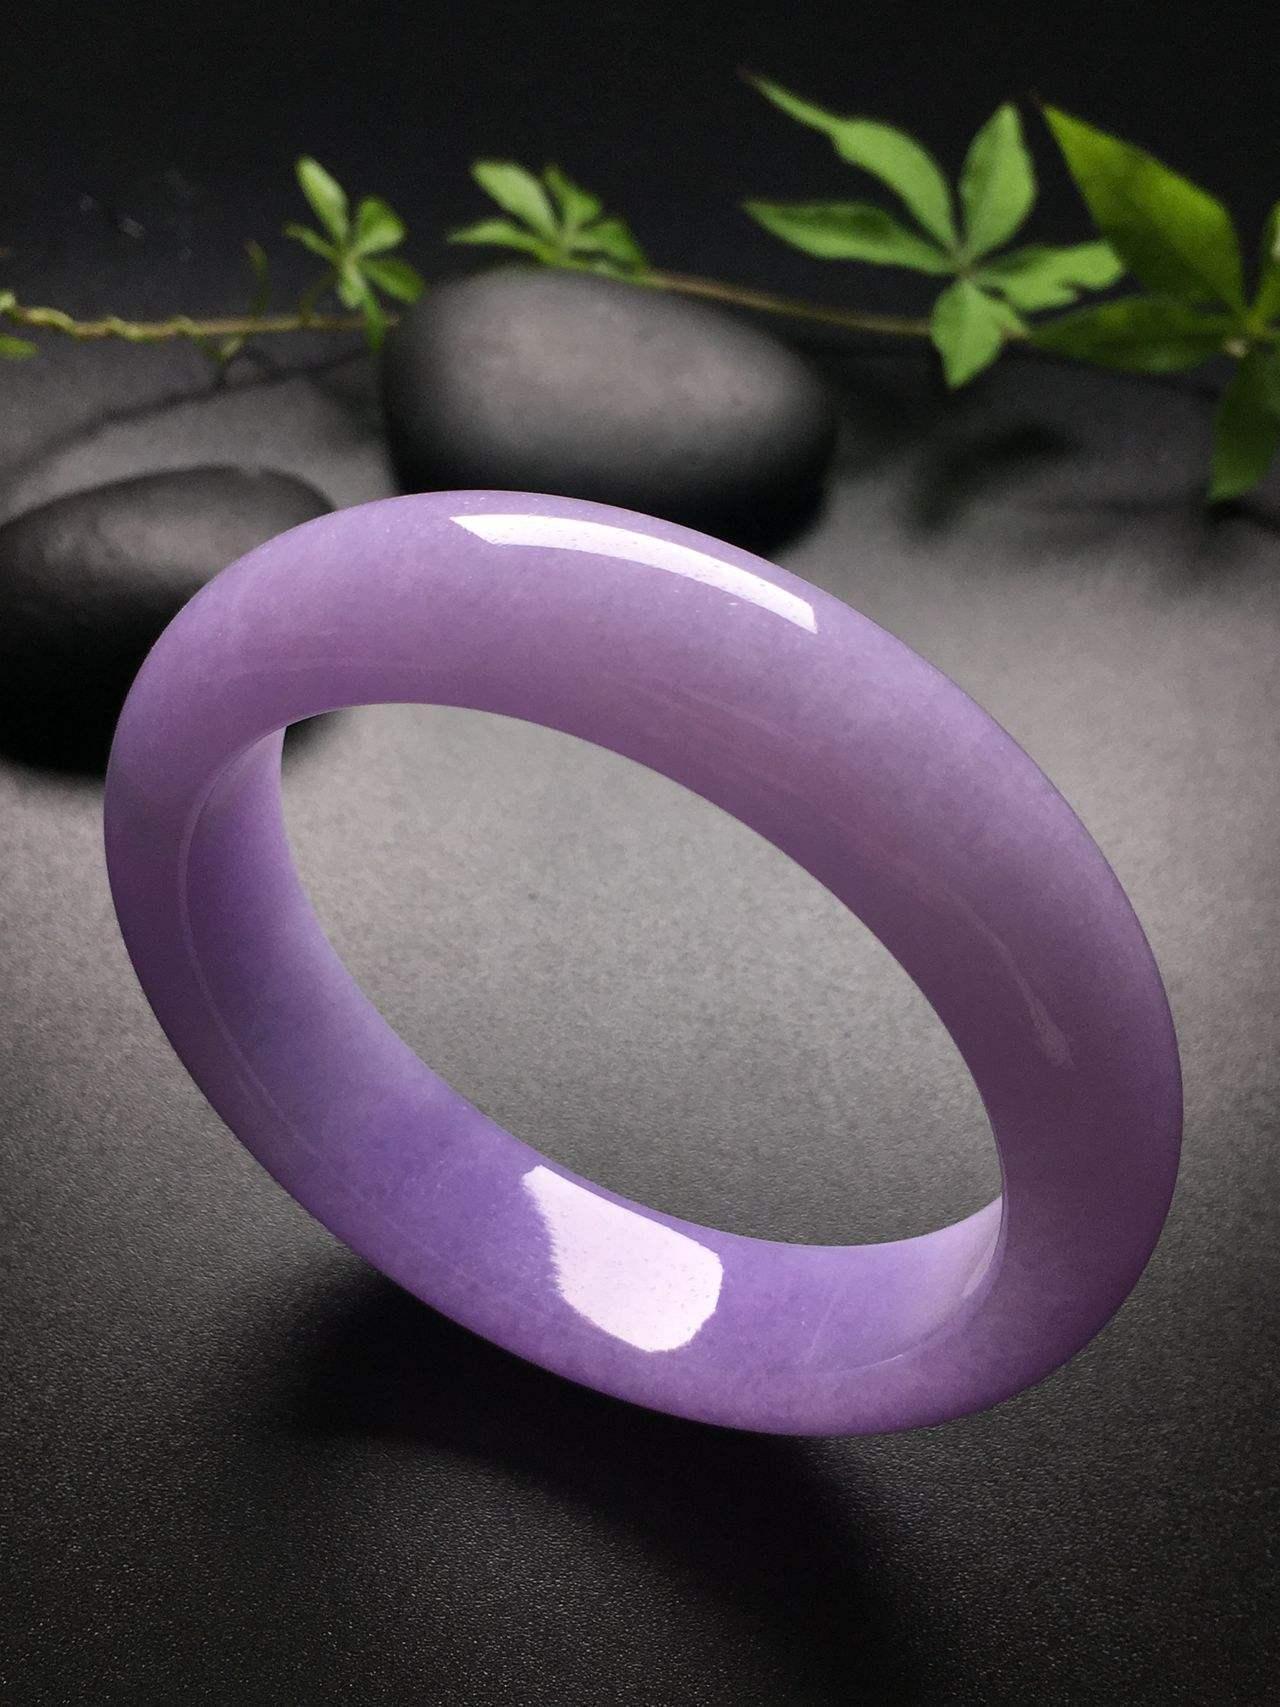 紫翡翠价格上面是有绿色 如果是瑕斑太暗